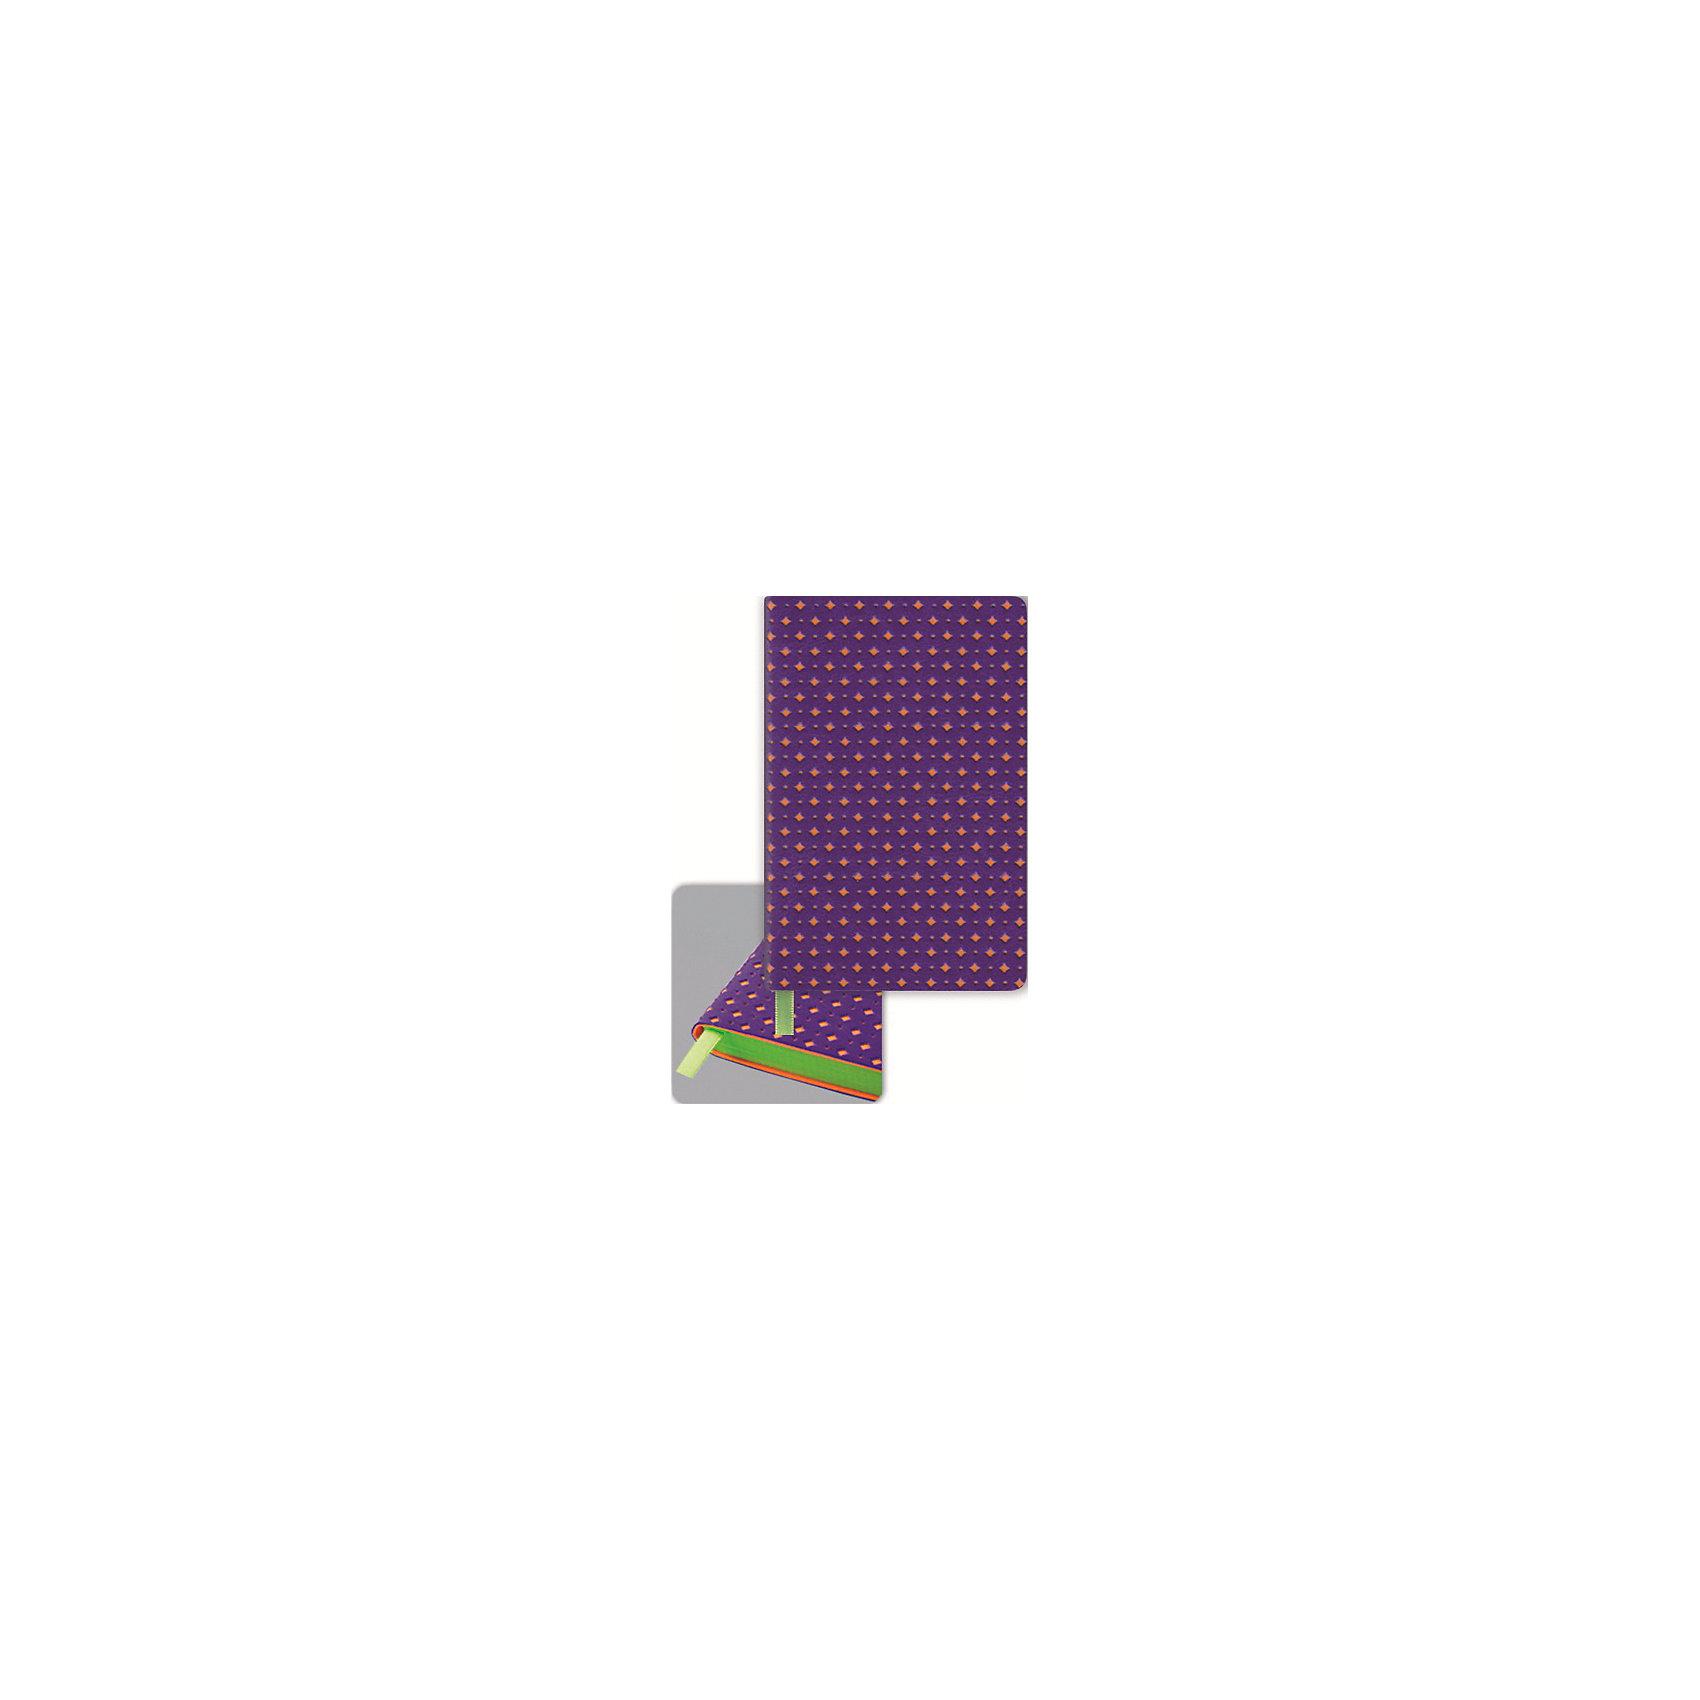 Записная книжка Феникс+, фиолетовый/оранжевыйБумажная продукция<br>Записная книжка Ноутбук ФИОЛЕТ.+ОРАНЖ. (СРЕЗ САЛАТОВ.) (92x145мм, 98 л., тонир. офсет 70 г, печать бл. в одну краску, запеч. форз. и среза пантоном. Обл. мягкая, декорирована перфорацией, закругленный корешок и углы переплета, ляссе, индивид. ПЭТ-упак.)<br><br>Ширина мм: 145<br>Глубина мм: 95<br>Высота мм: 10<br>Вес г: 105<br>Возраст от месяцев: 72<br>Возраст до месяцев: 2147483647<br>Пол: Унисекс<br>Возраст: Детский<br>SKU: 7046226